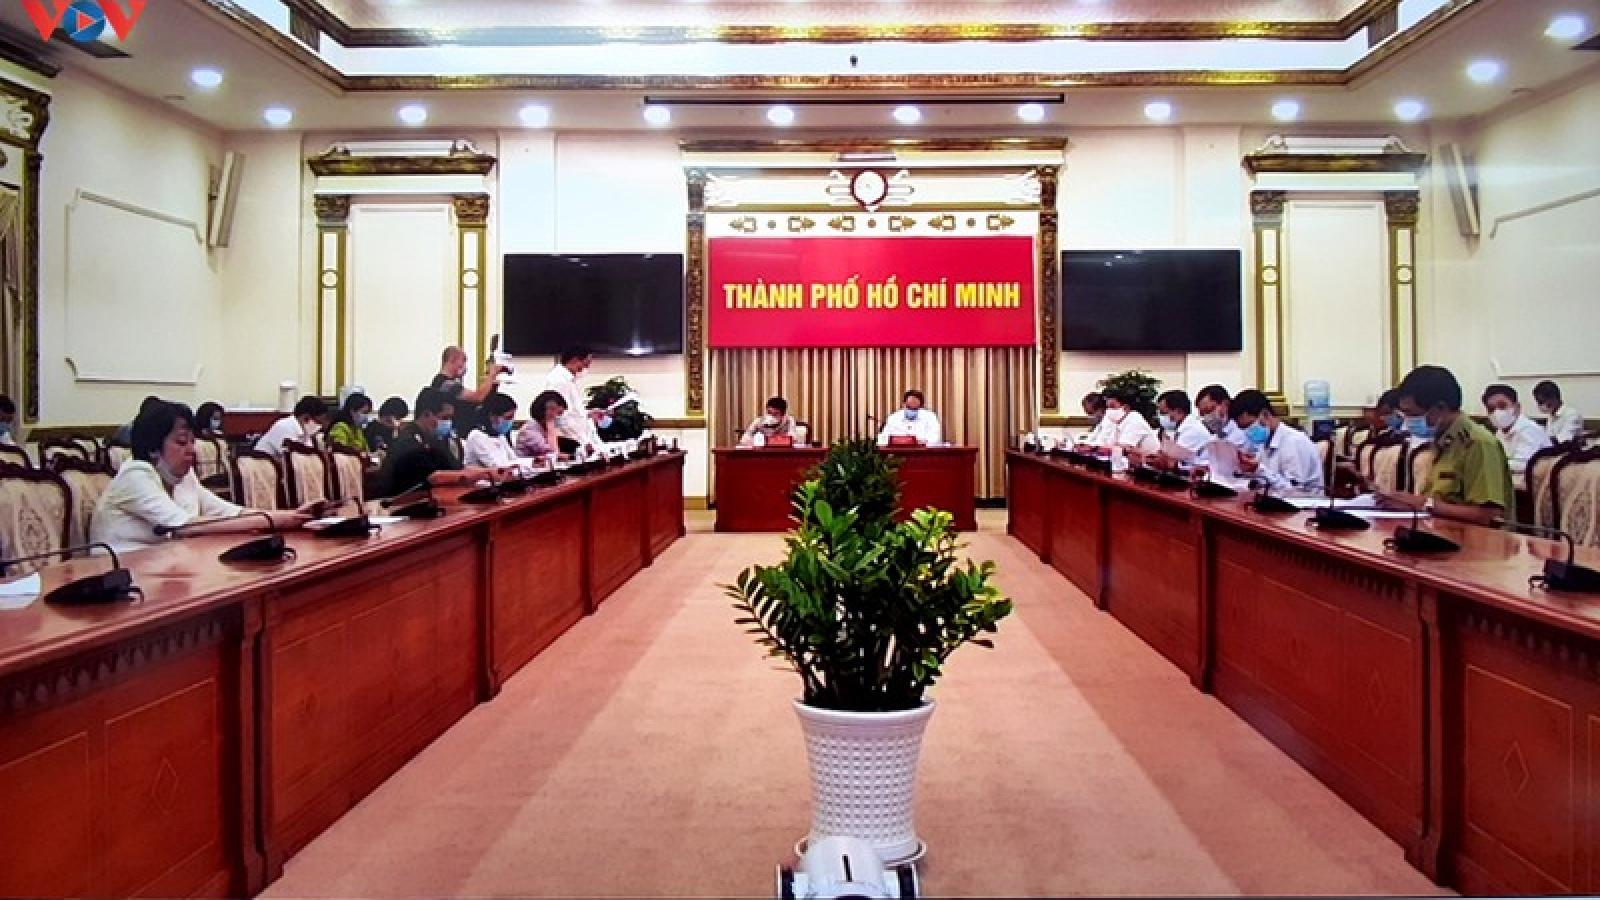 TP.HCM phê bình các quận, huyện lơ là trong công tác phòng chống dịch